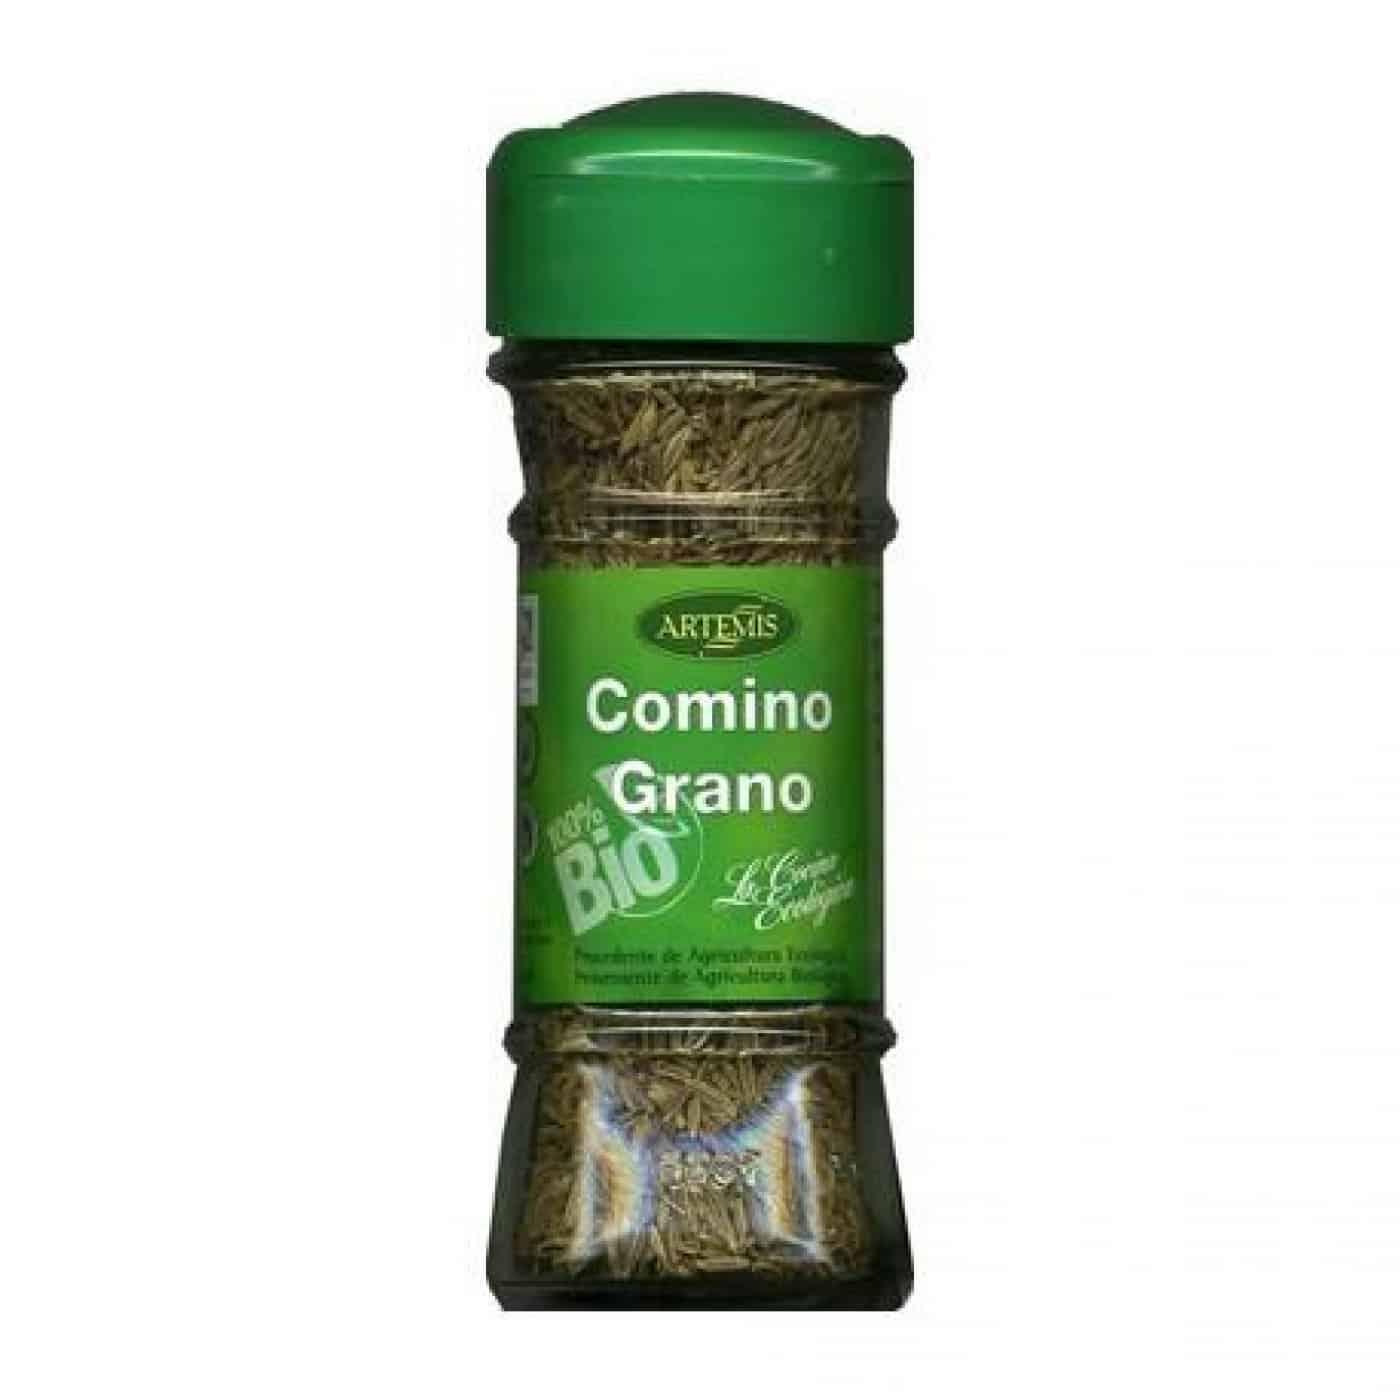 buy-spanish-organic-cumin-artemis-online-alandalus-club